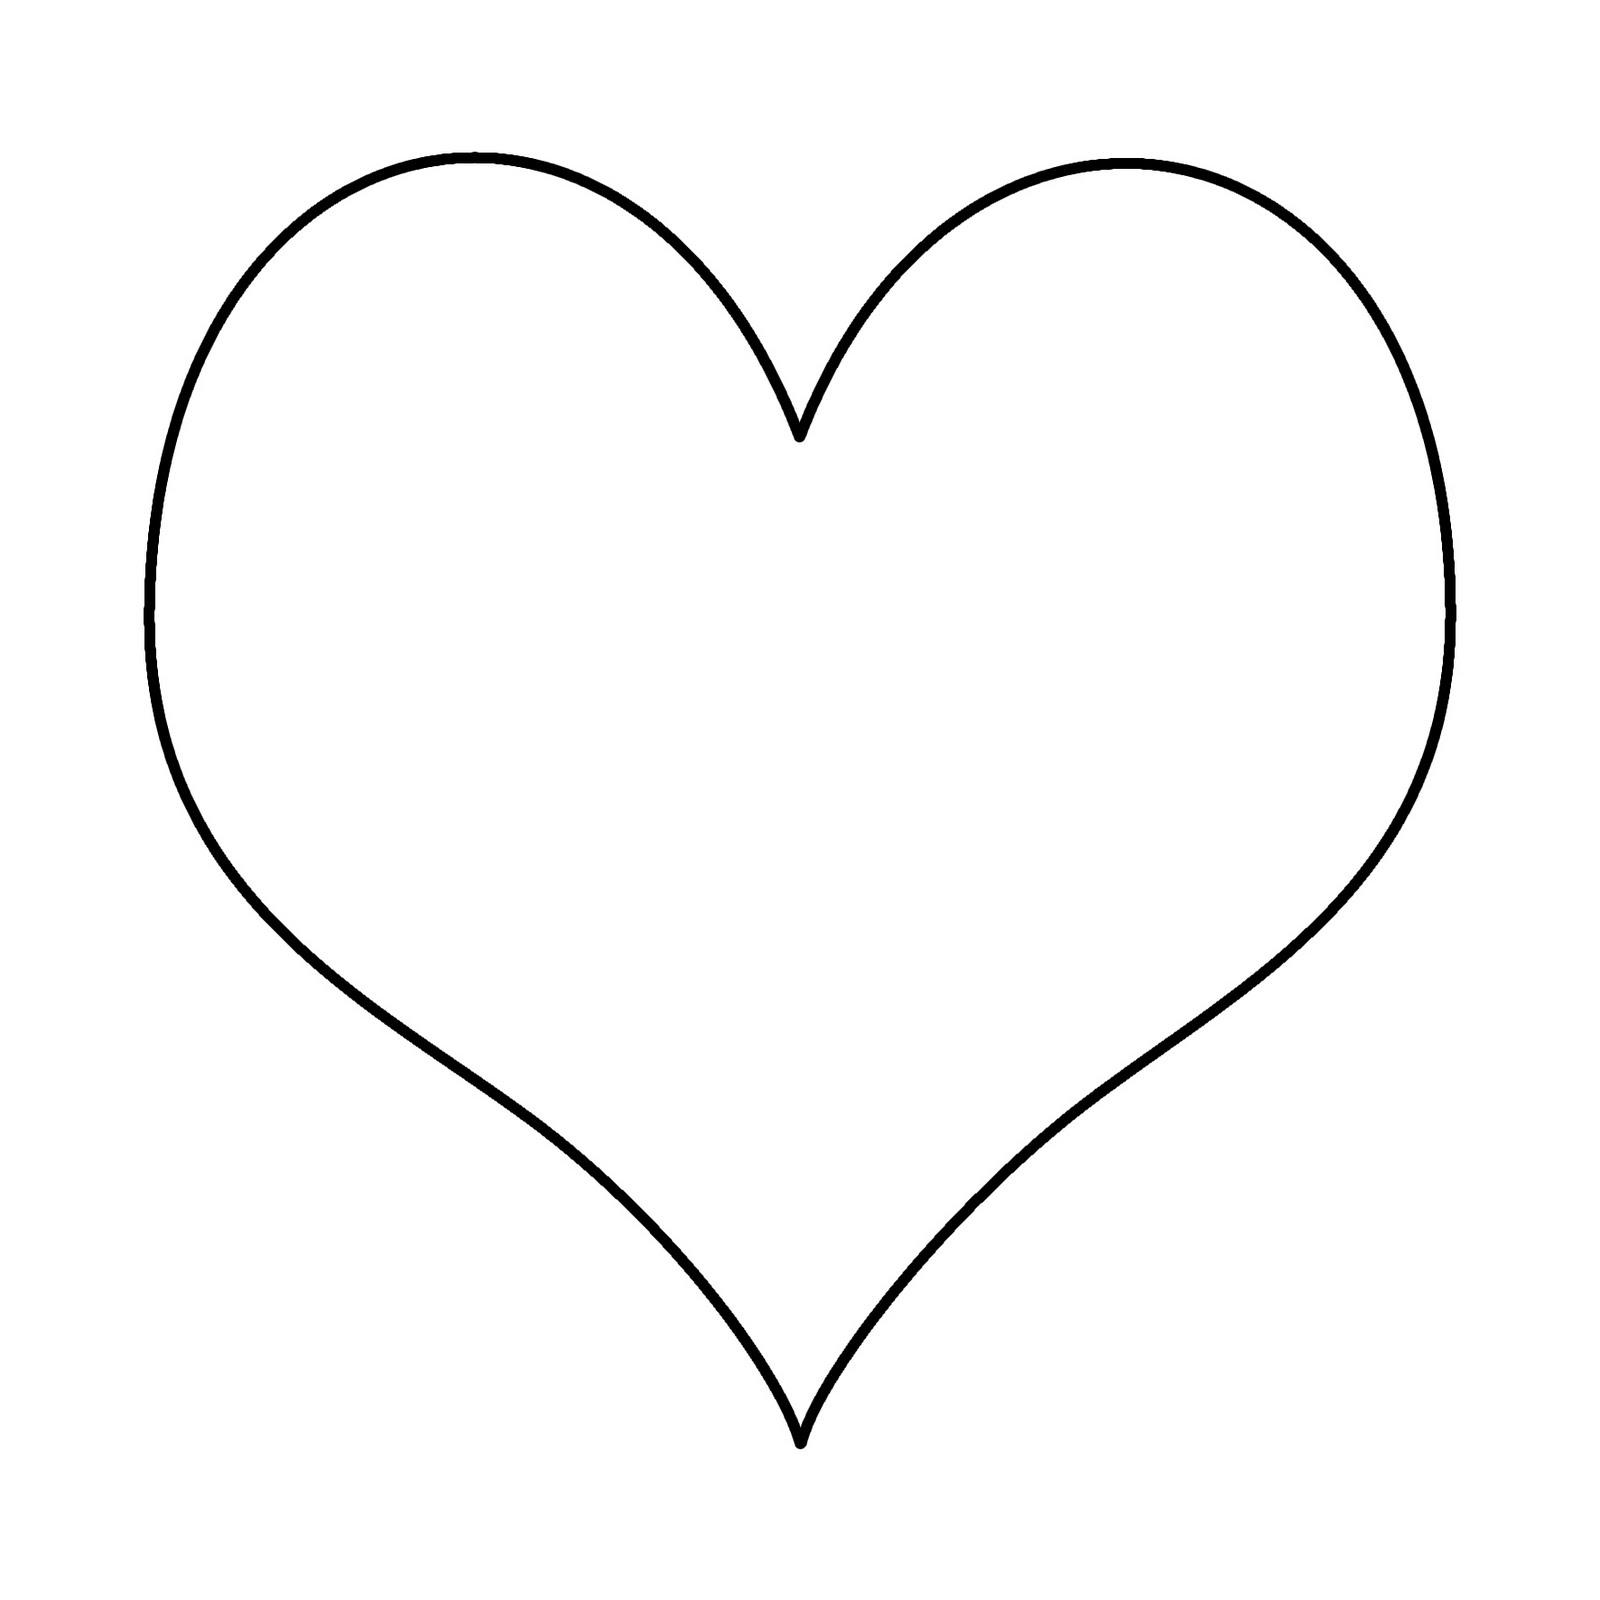 clip art heart template - photo #20